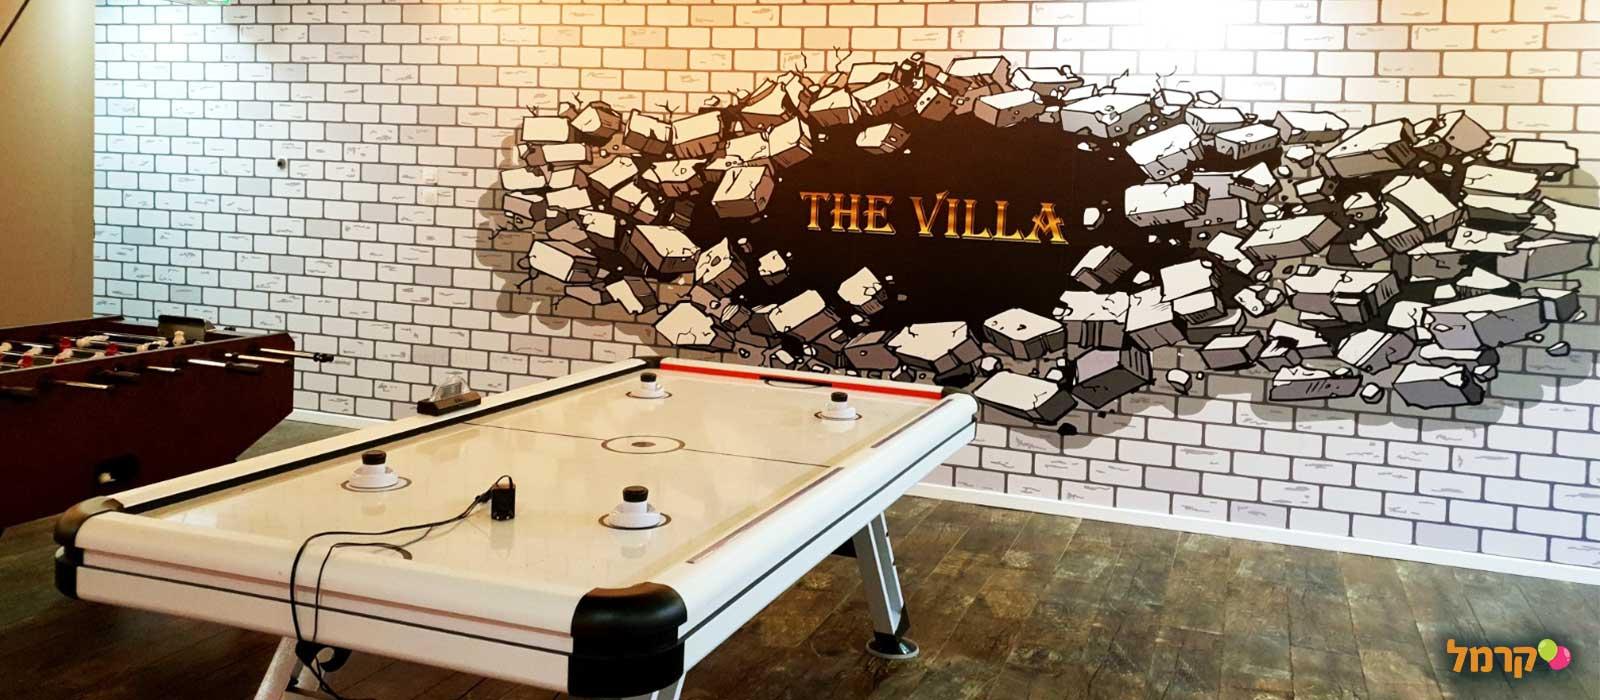 וילה באשקלון - THE VILLA - 073-7840215